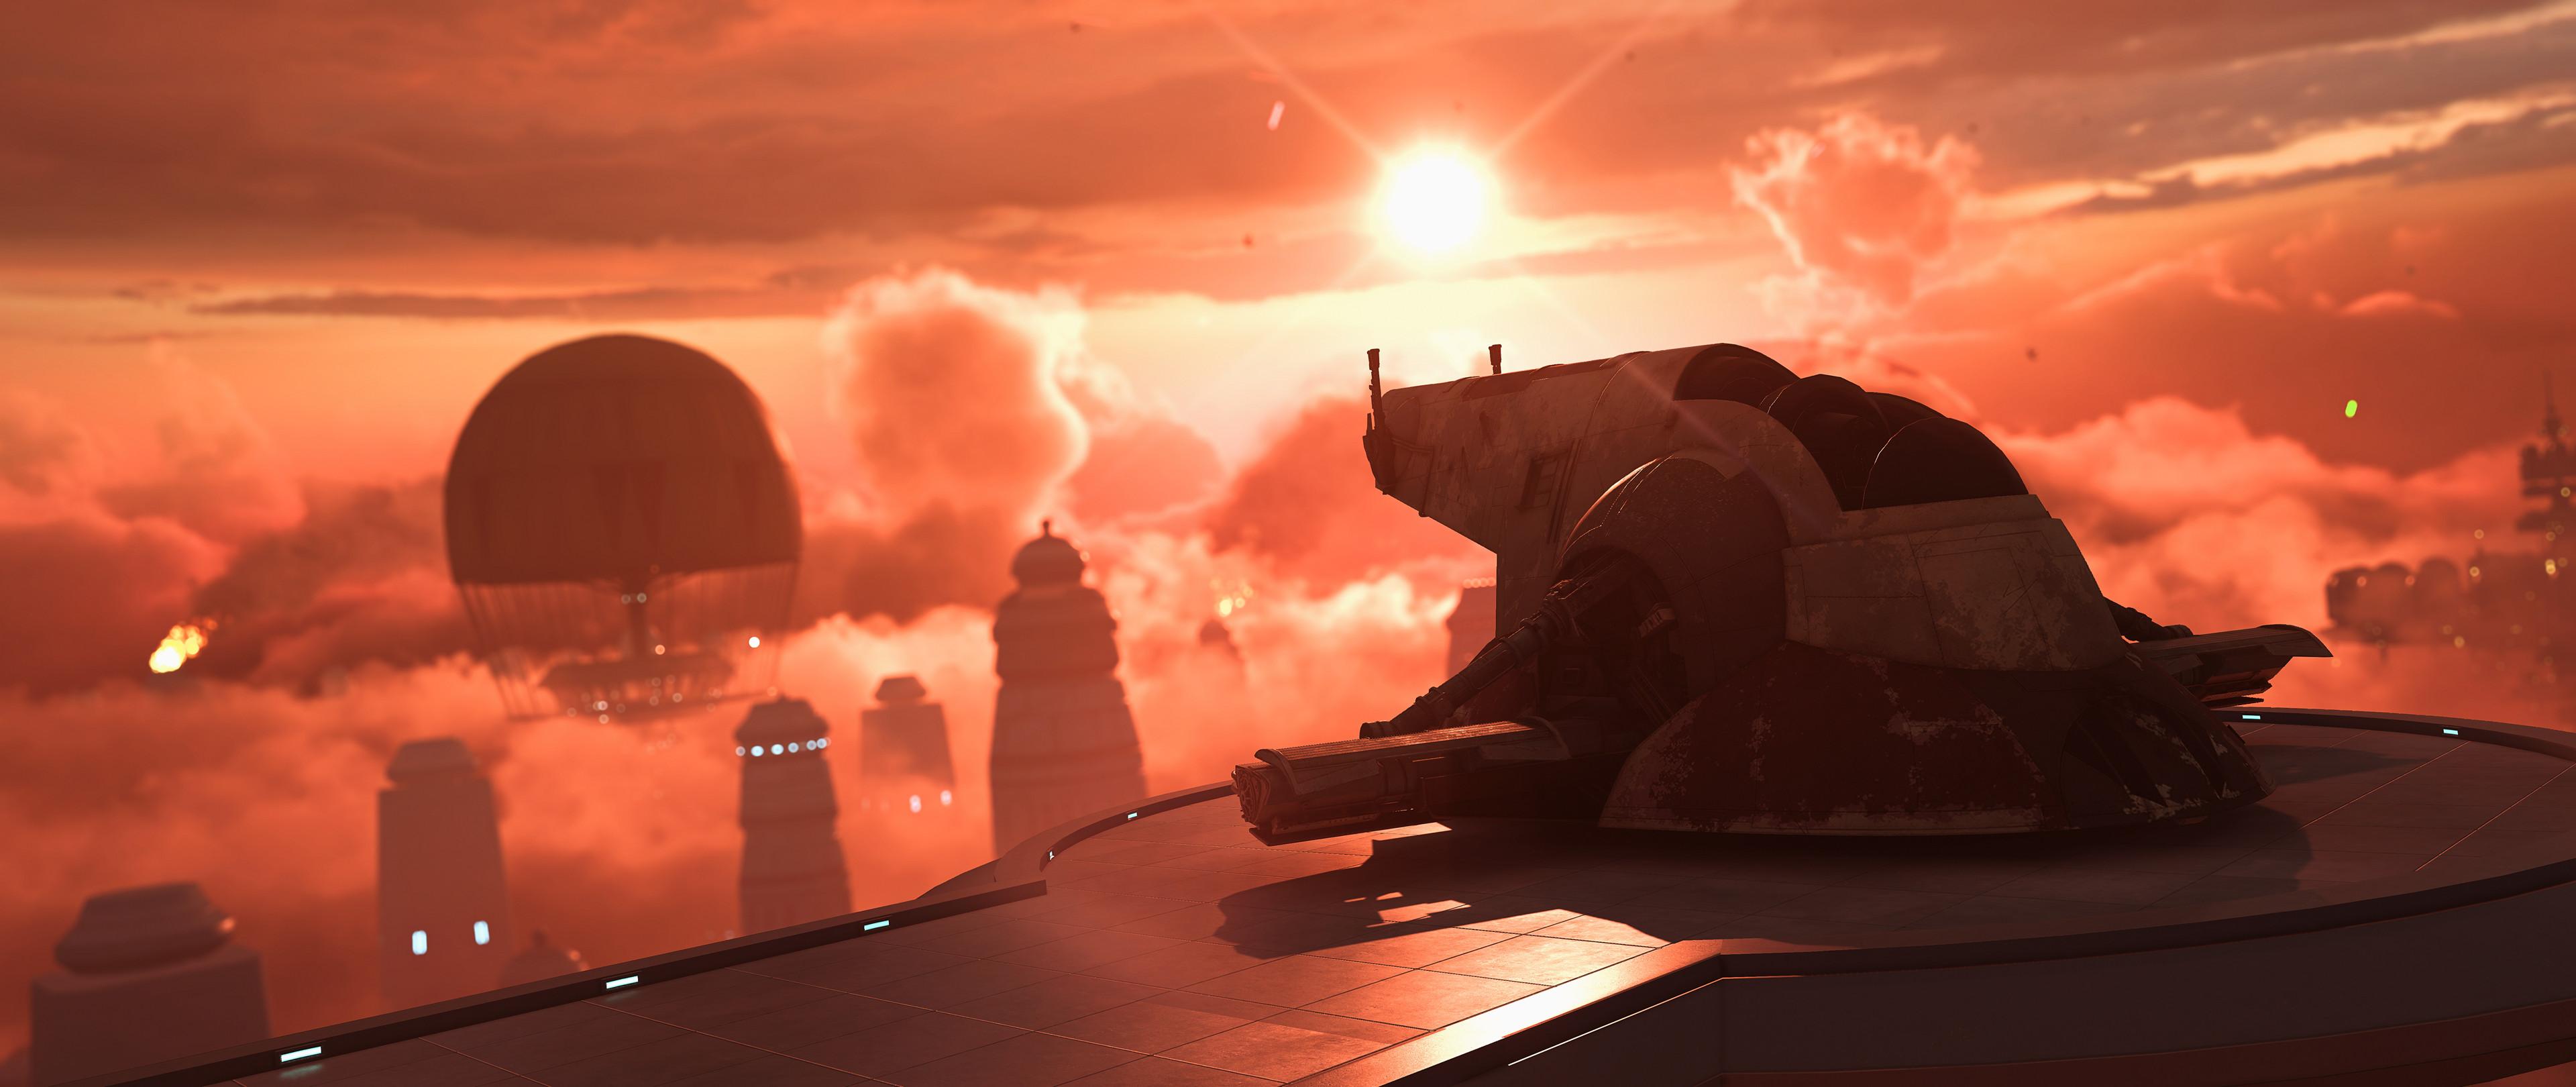 Star Wars Battlefront 2015 >> Star Wars Battlefront (2015) Wallpapers, Pictures, Images